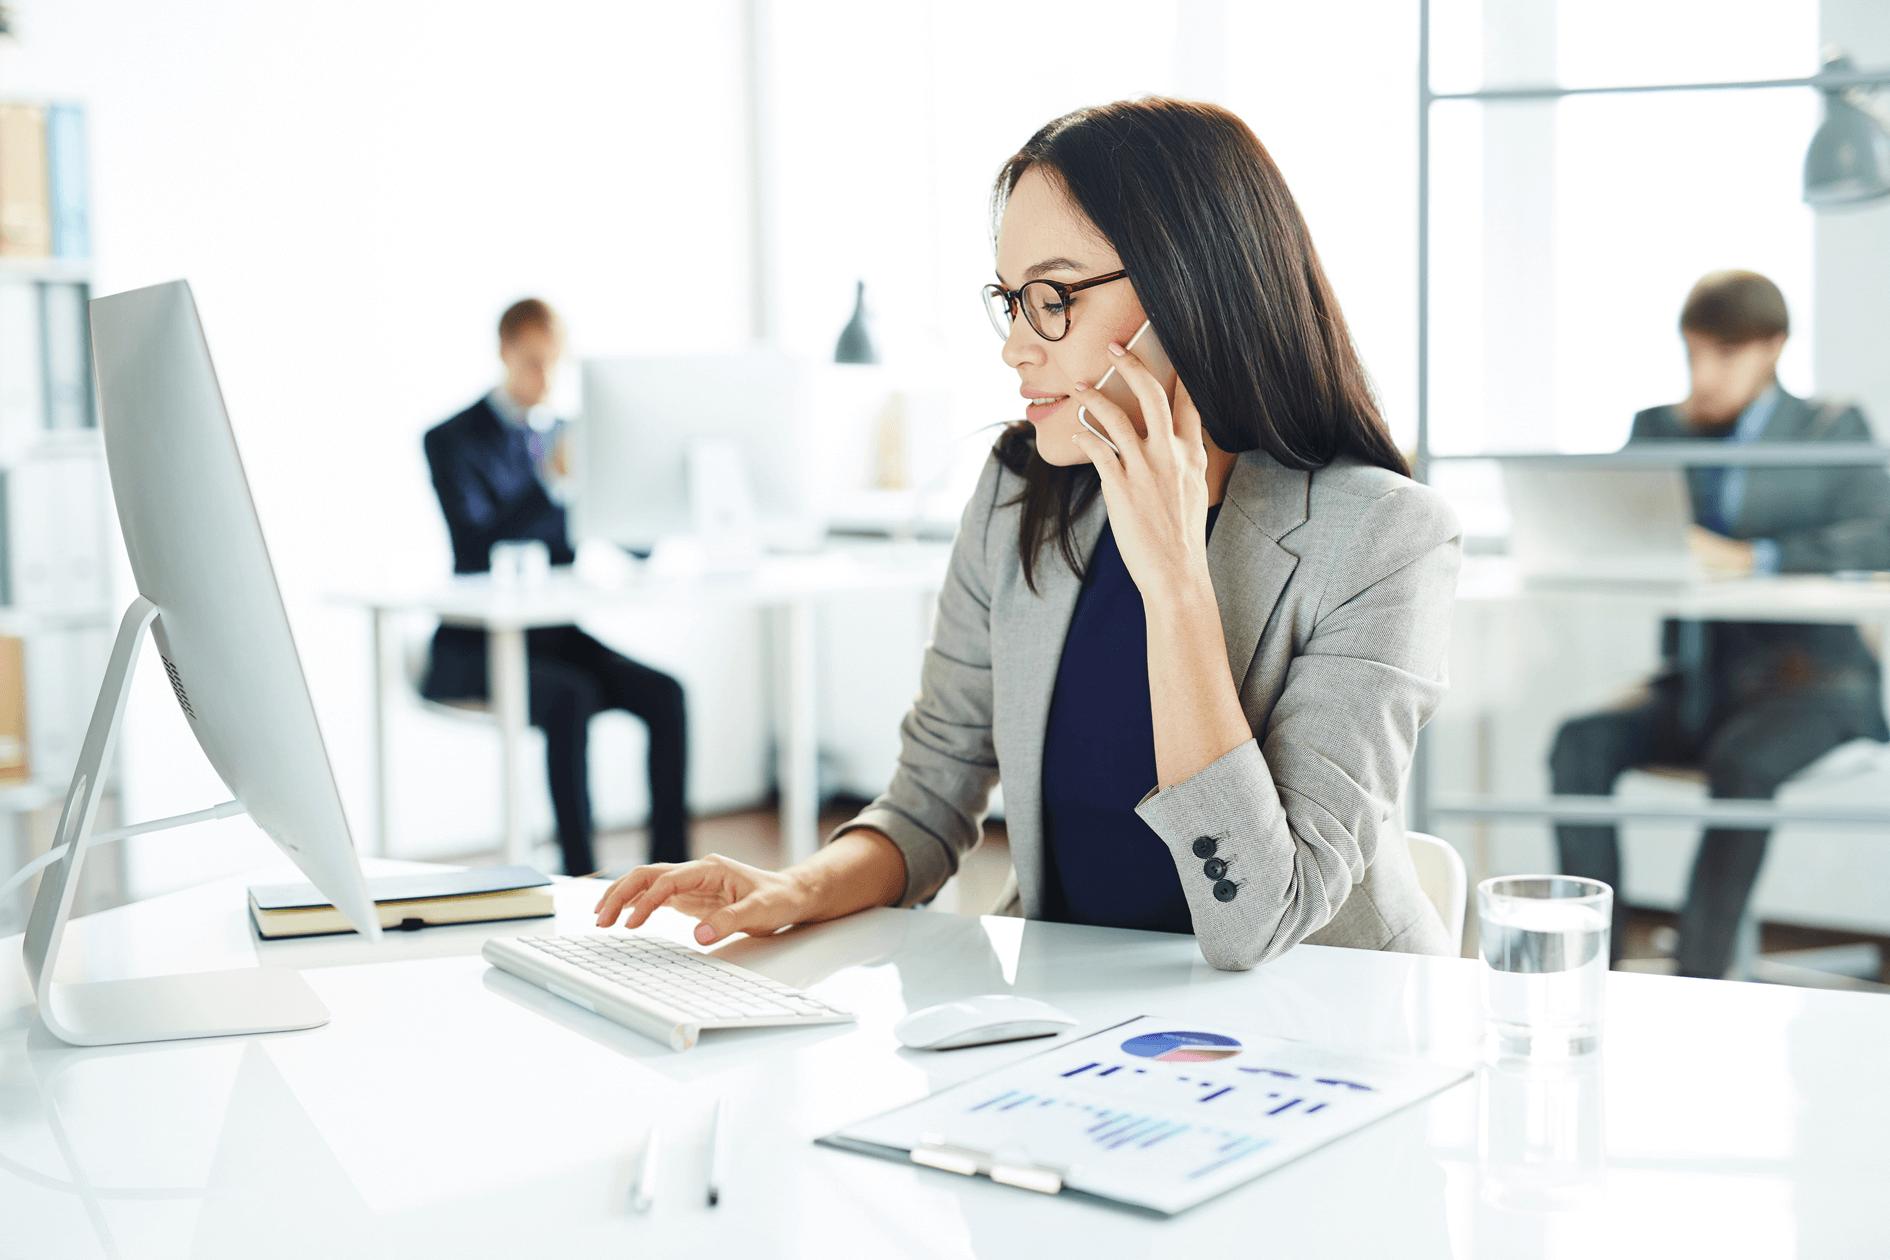 Relational Junction ETL manager | 100% independent comparison